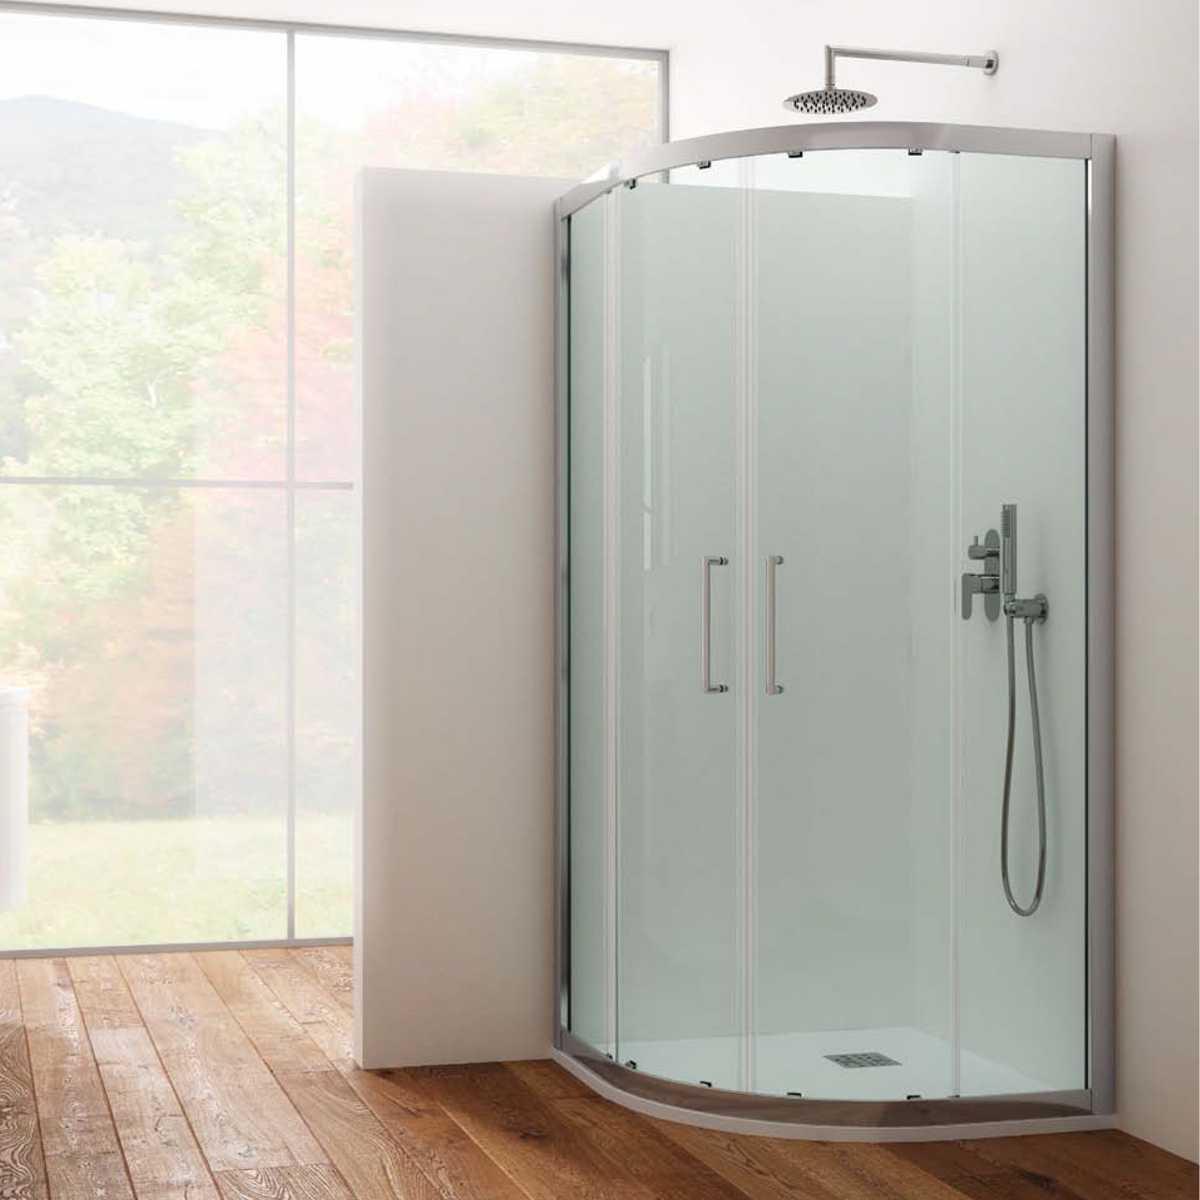 Box doccia circolare 80x80 apertura scorrevole cristallo trasparente 6 mm